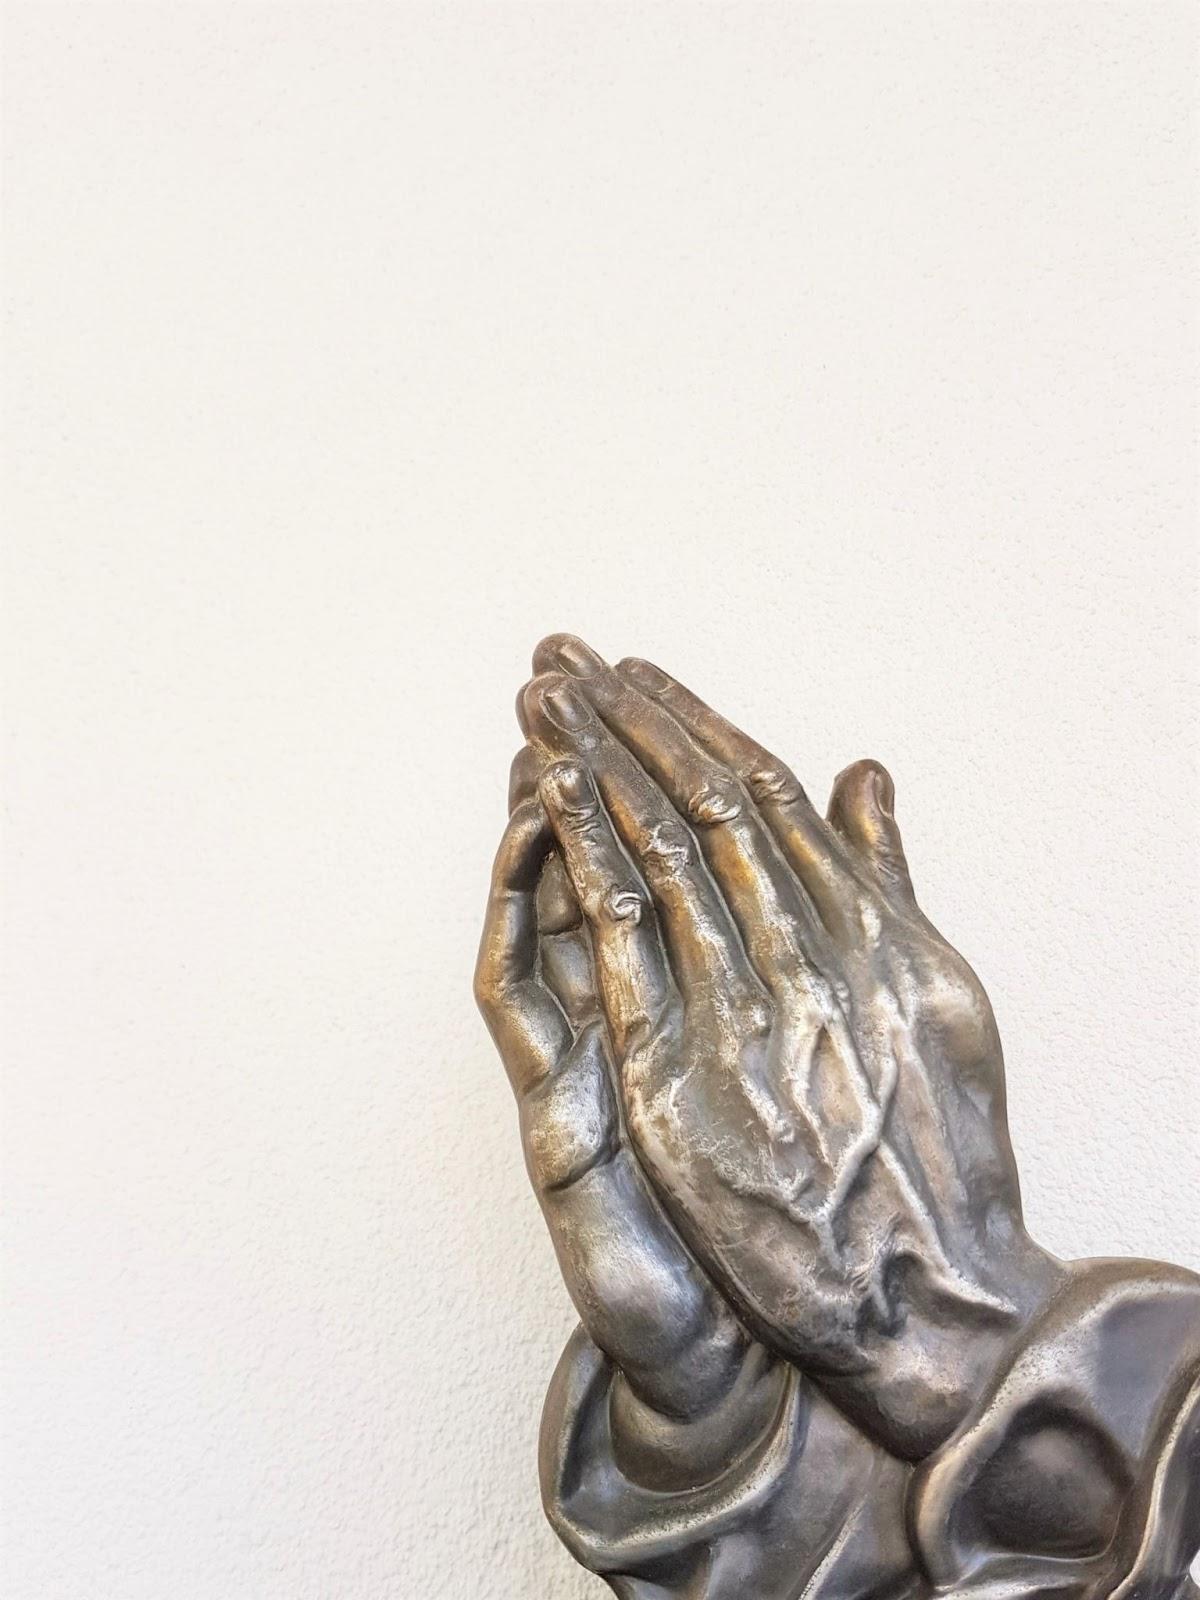 metal hands in prayer